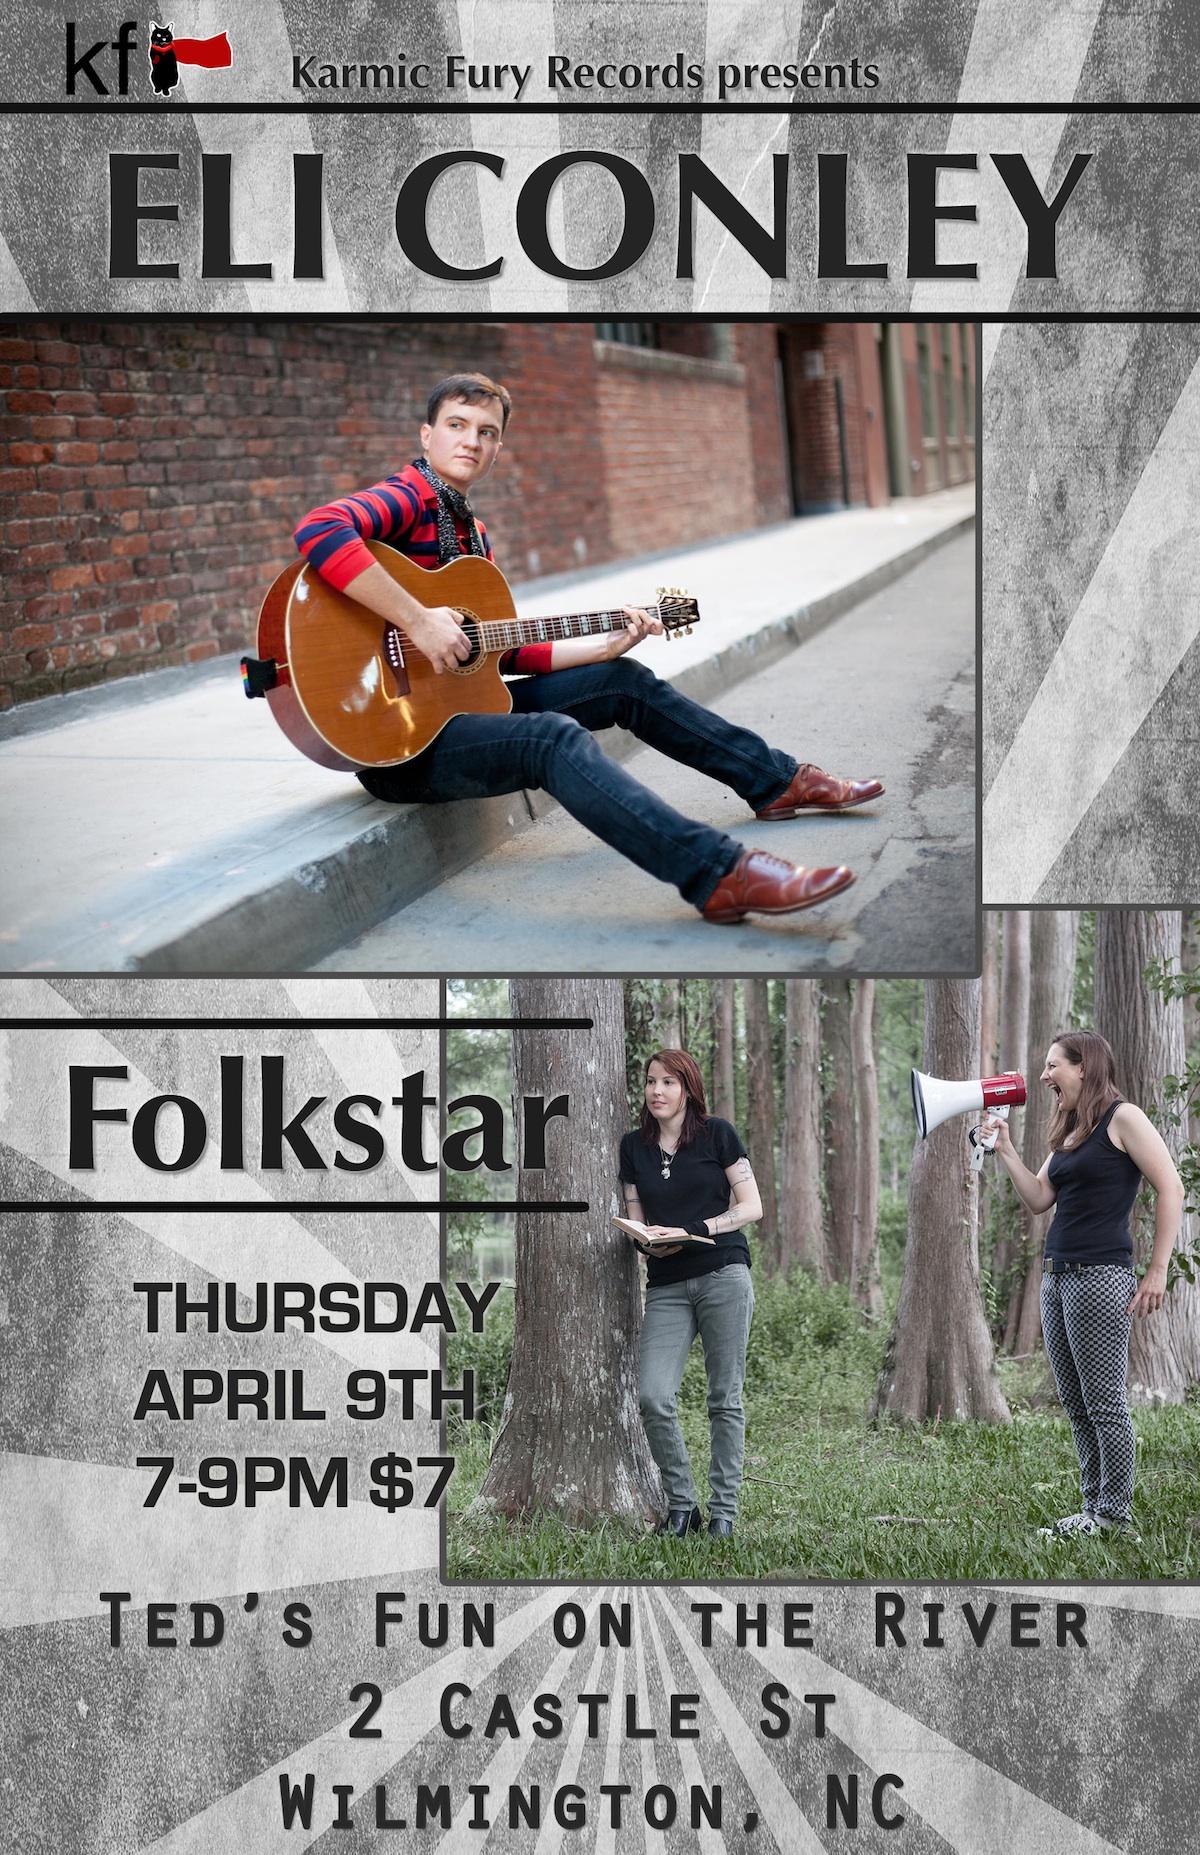 Eli Conley Folkstar Event Poster